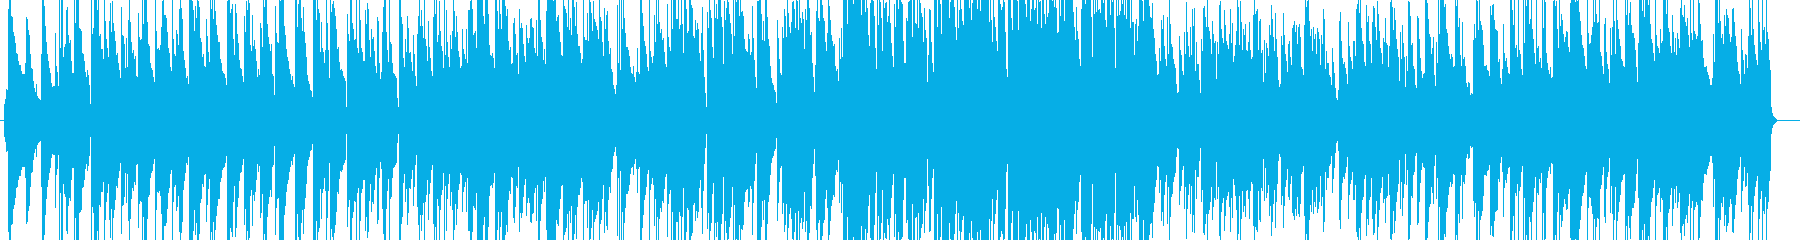 ケルト風のジャズピアノトリオアレンジの再生済みの波形